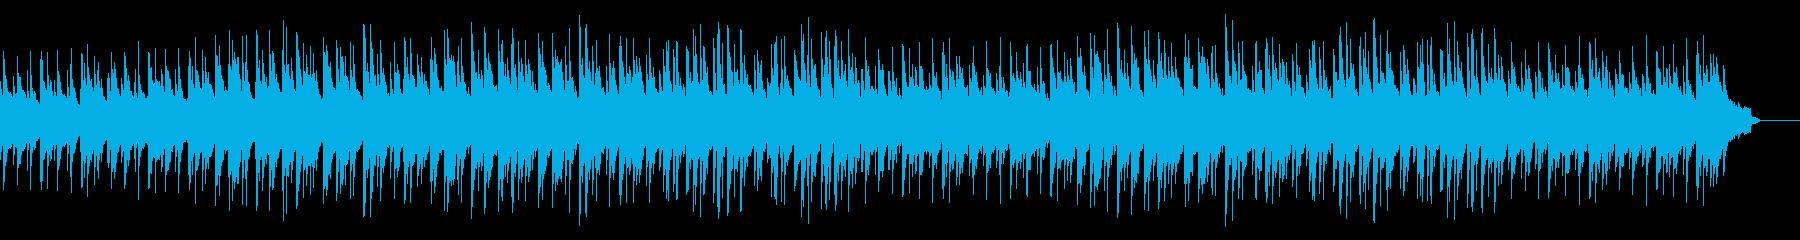 【パーカス抜】一日の始まり、優しい曲の再生済みの波形